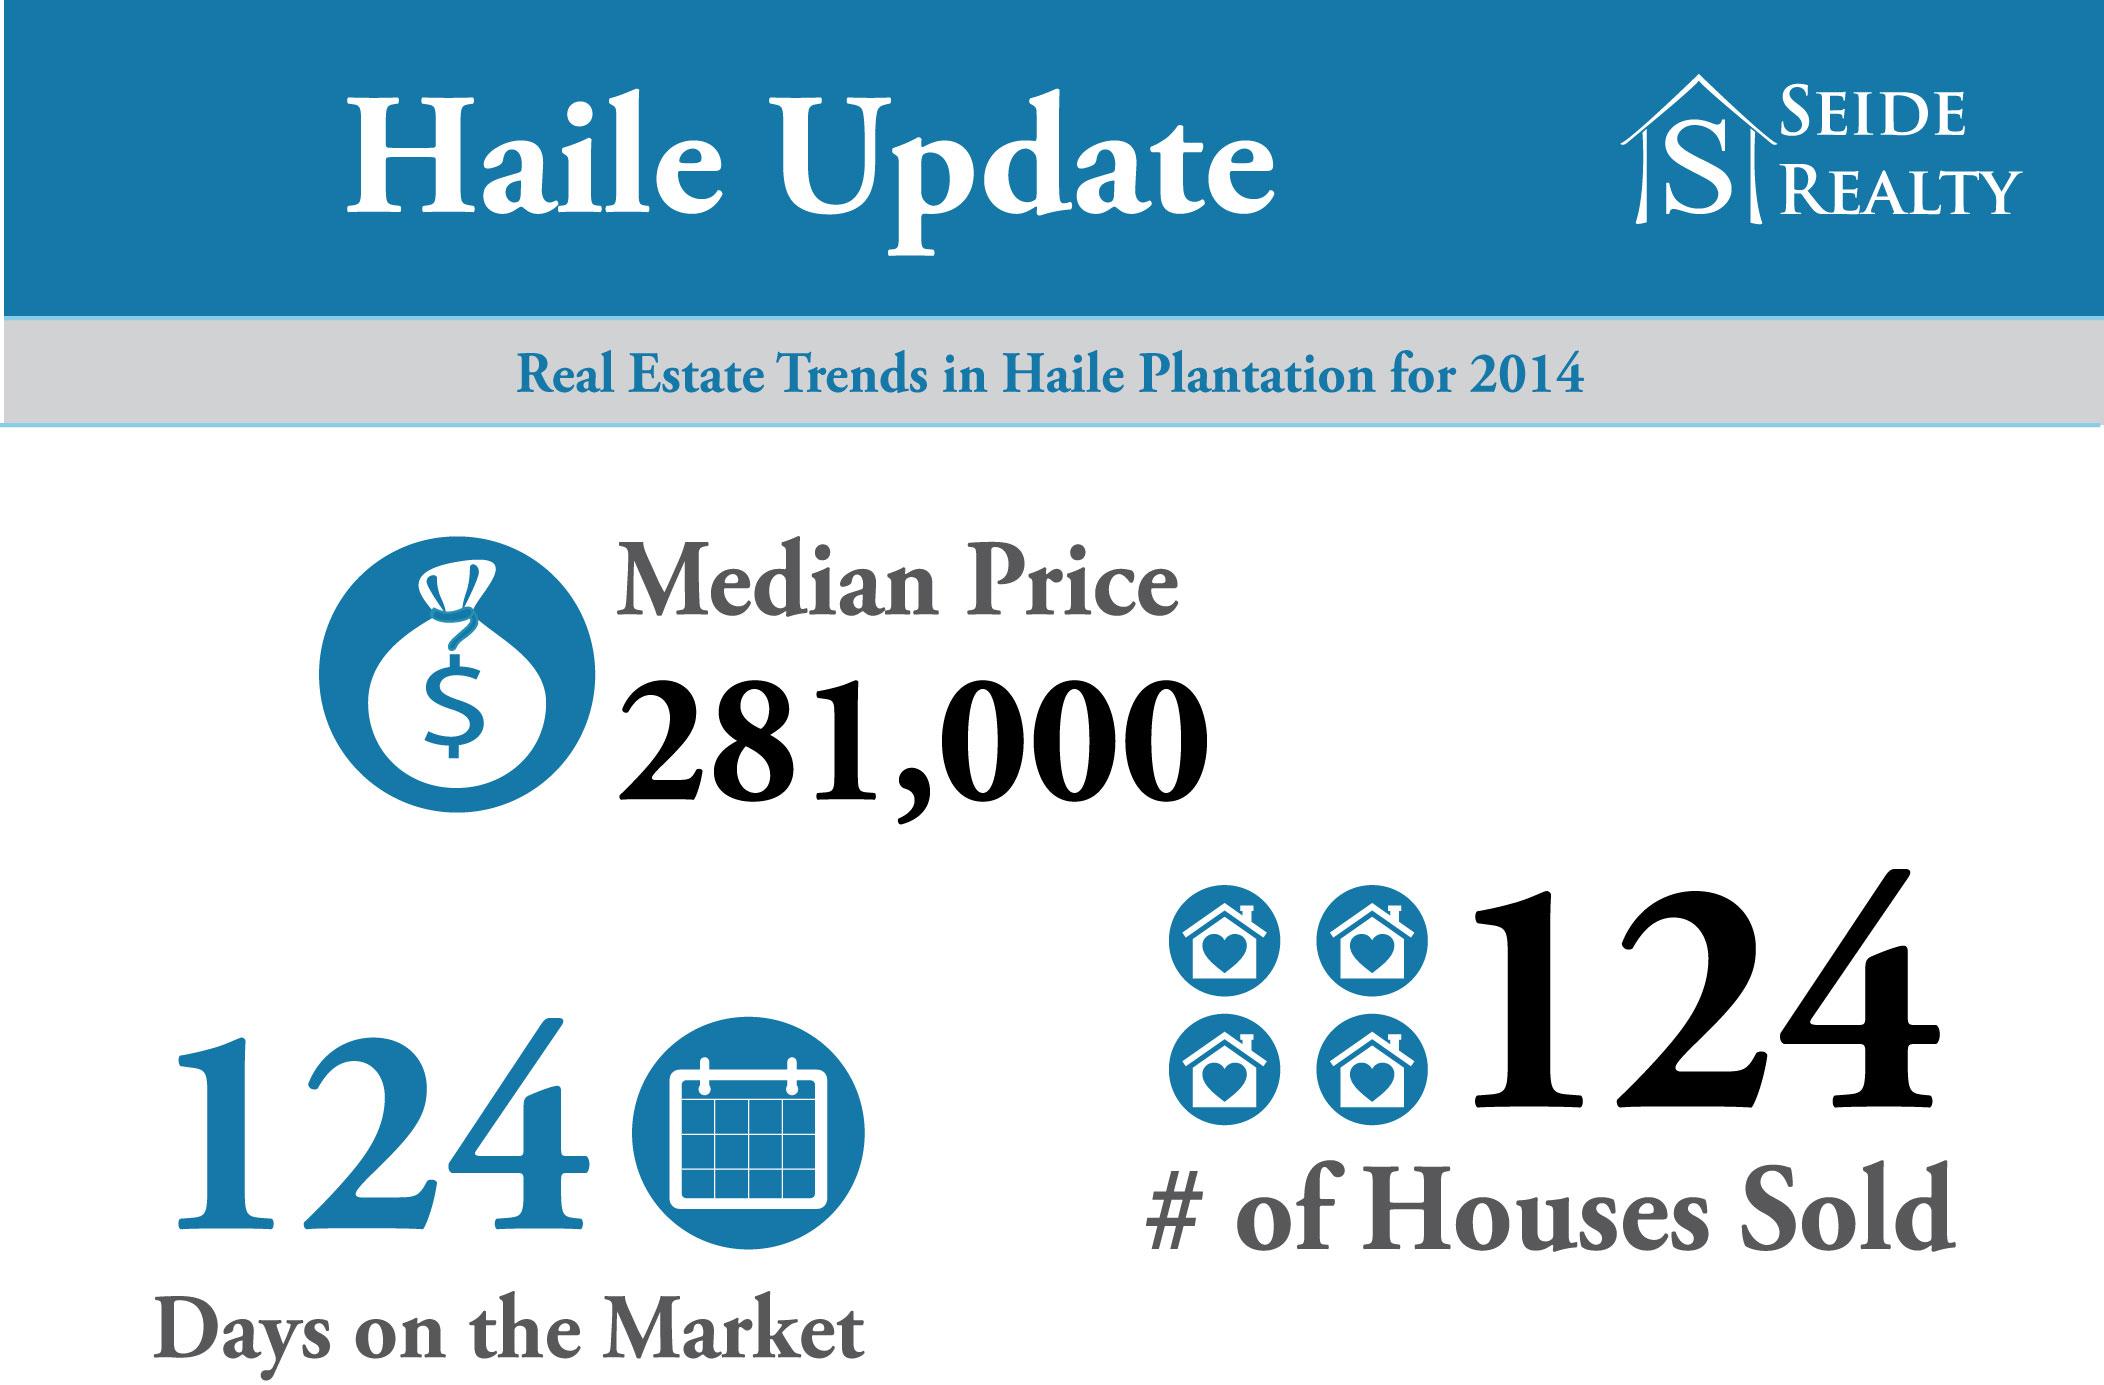 201501-Haile plantation real estate market trends